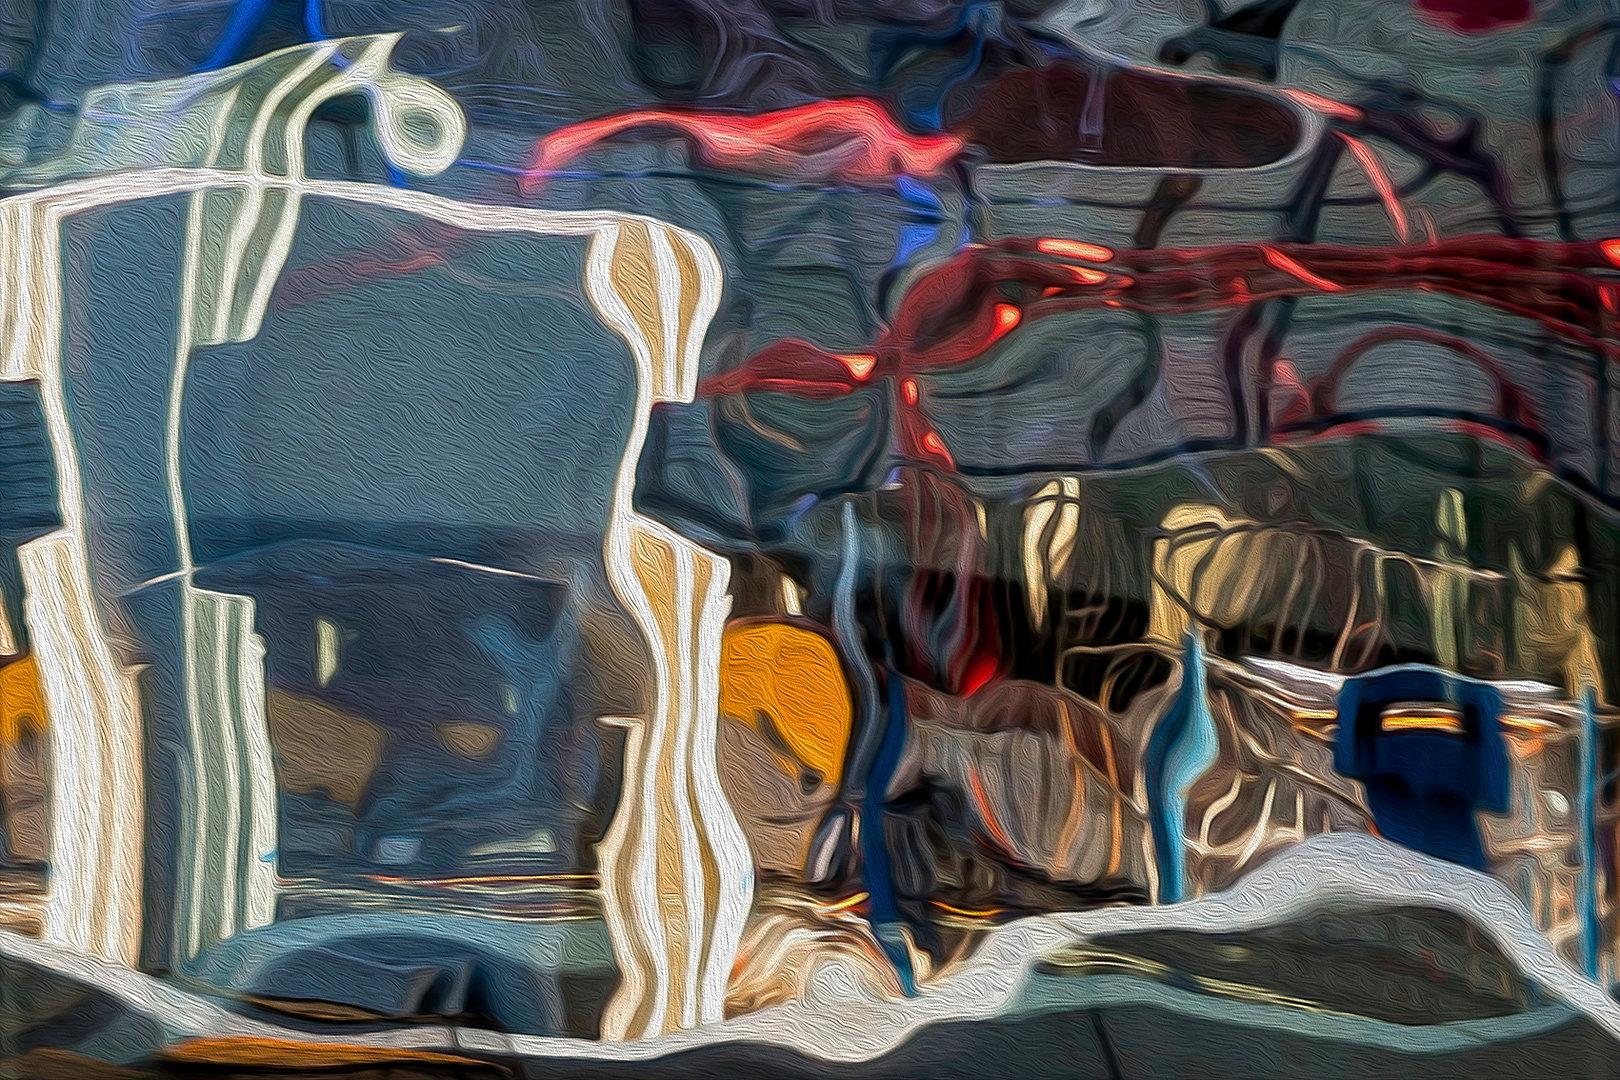 RÉFLEXION Nº 67  Photographie d'art grand format par Denis Eugène Robert sur TRAGART